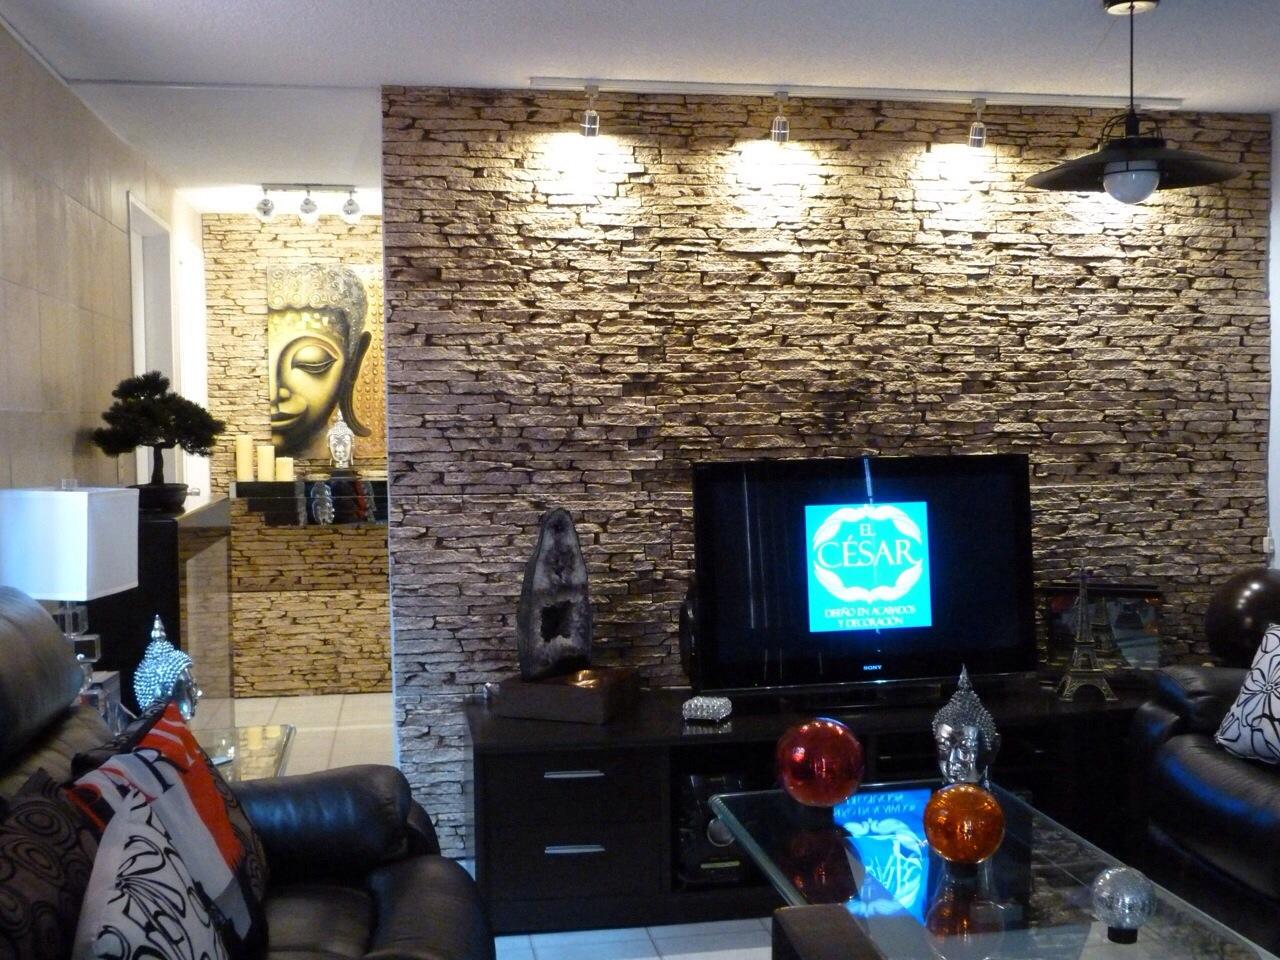 Elcesarmolduras 39 s blog p gina 16 decoracion facil y - Dibujos en paredes interiores ...